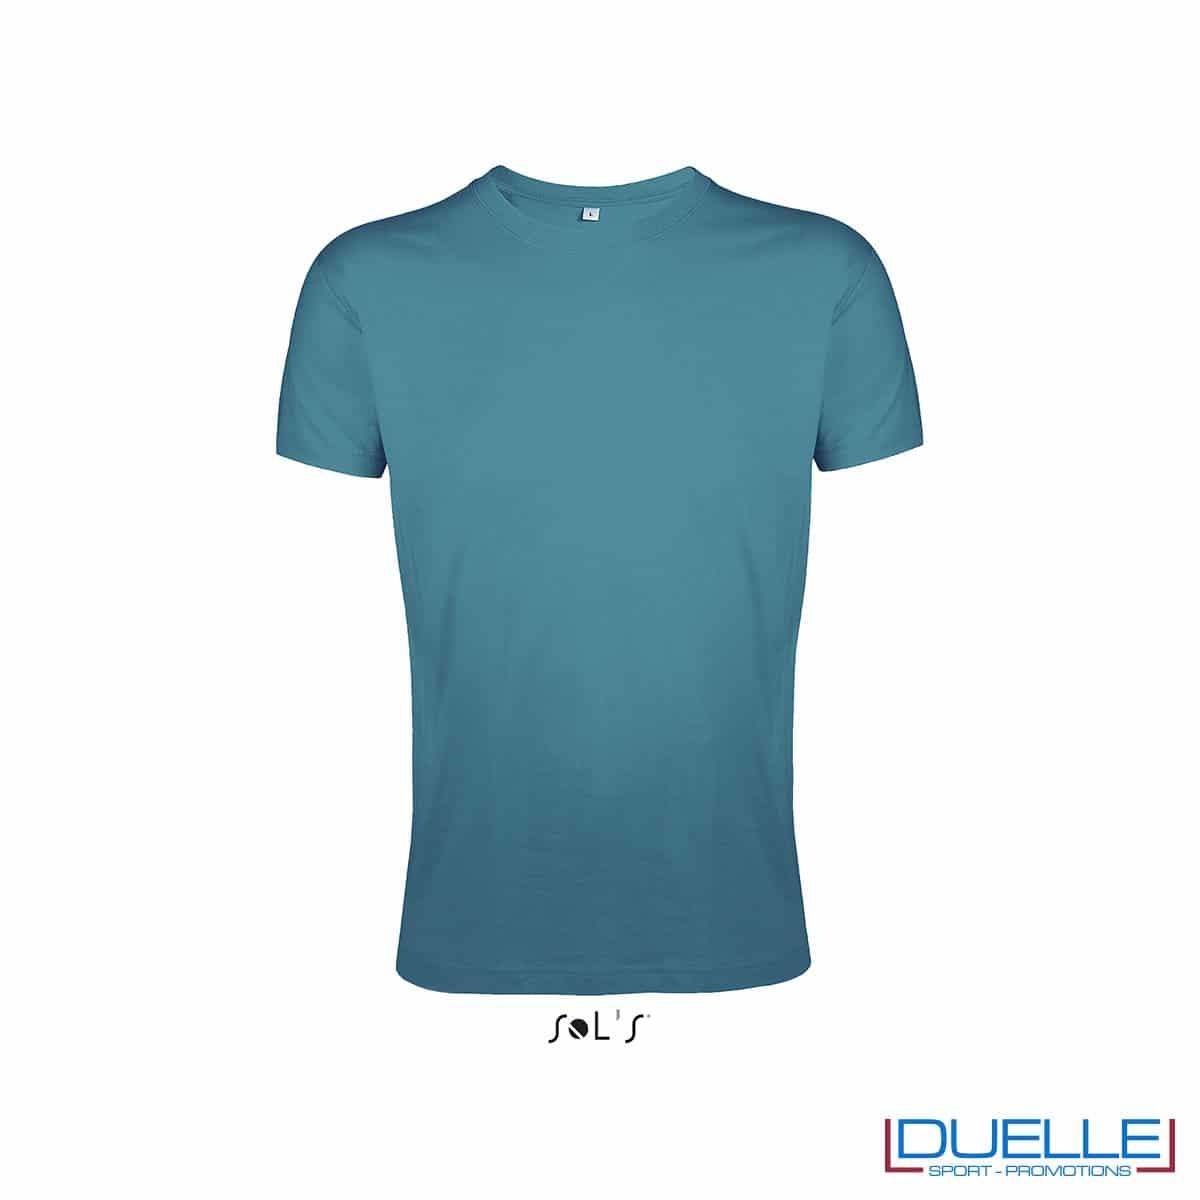 Maglietta uomo personalizzata slim-fit girocollo colore blu anatra